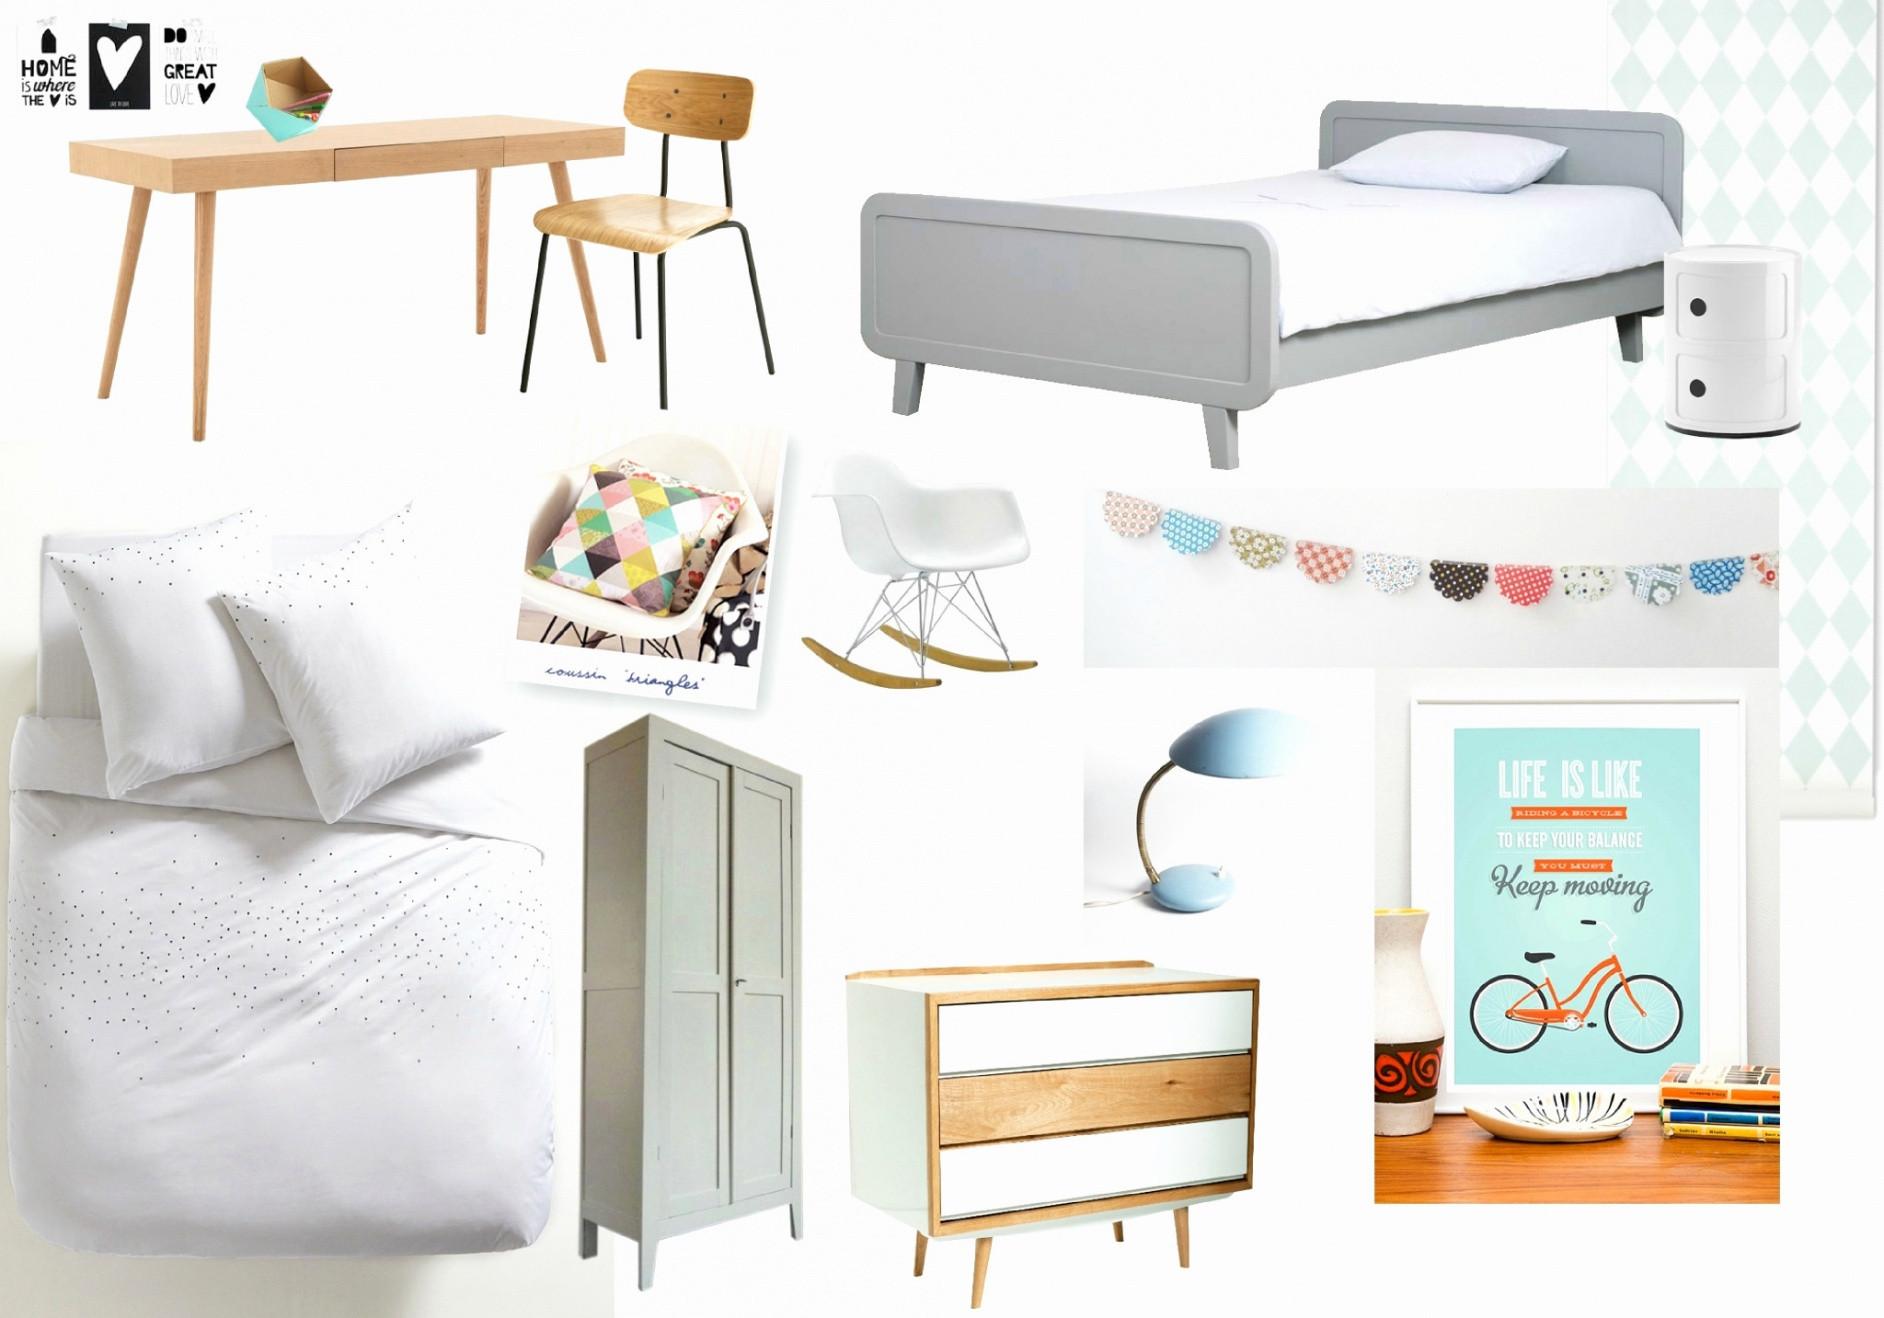 meuble bas a tiroir meuble tiroirs luxe conforama meuble bureau unique armoire tiroir 0d of meuble bas a tiroir